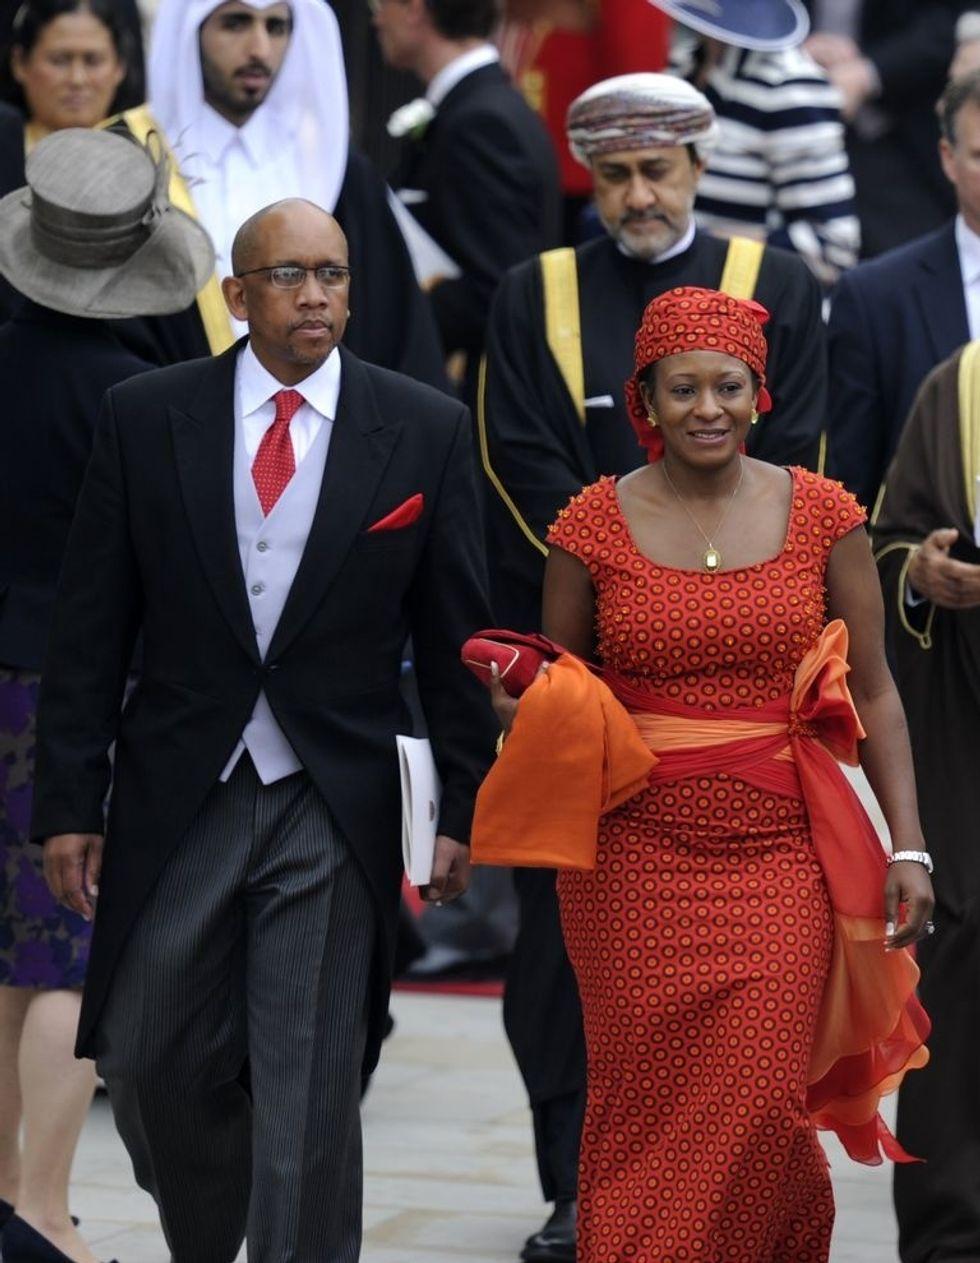 Lesotho seeiso princess mabereng of Lesotho Royal